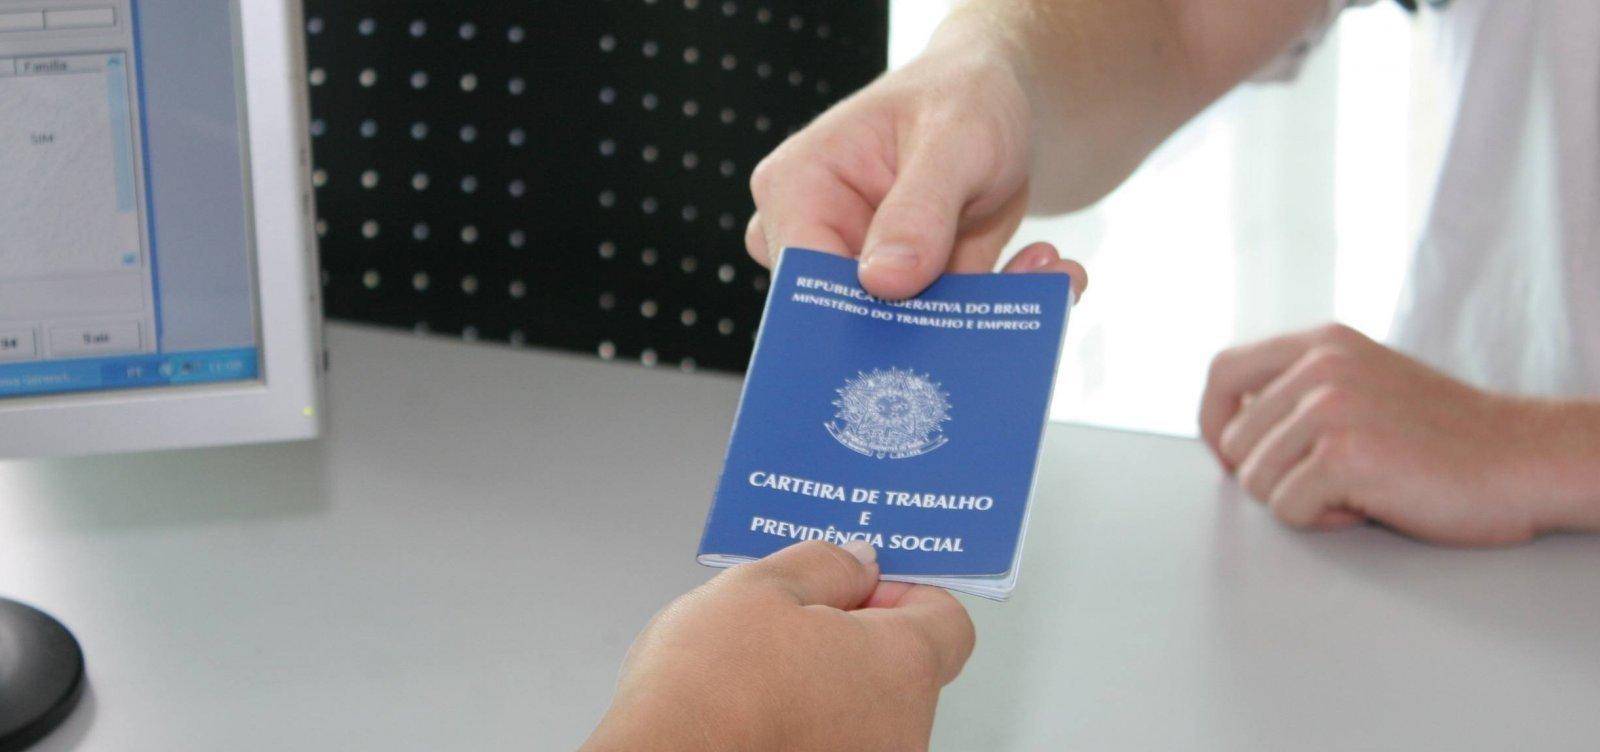 Salvador tem mais de 100 vagas de emprego abertas nesta quarta-feira